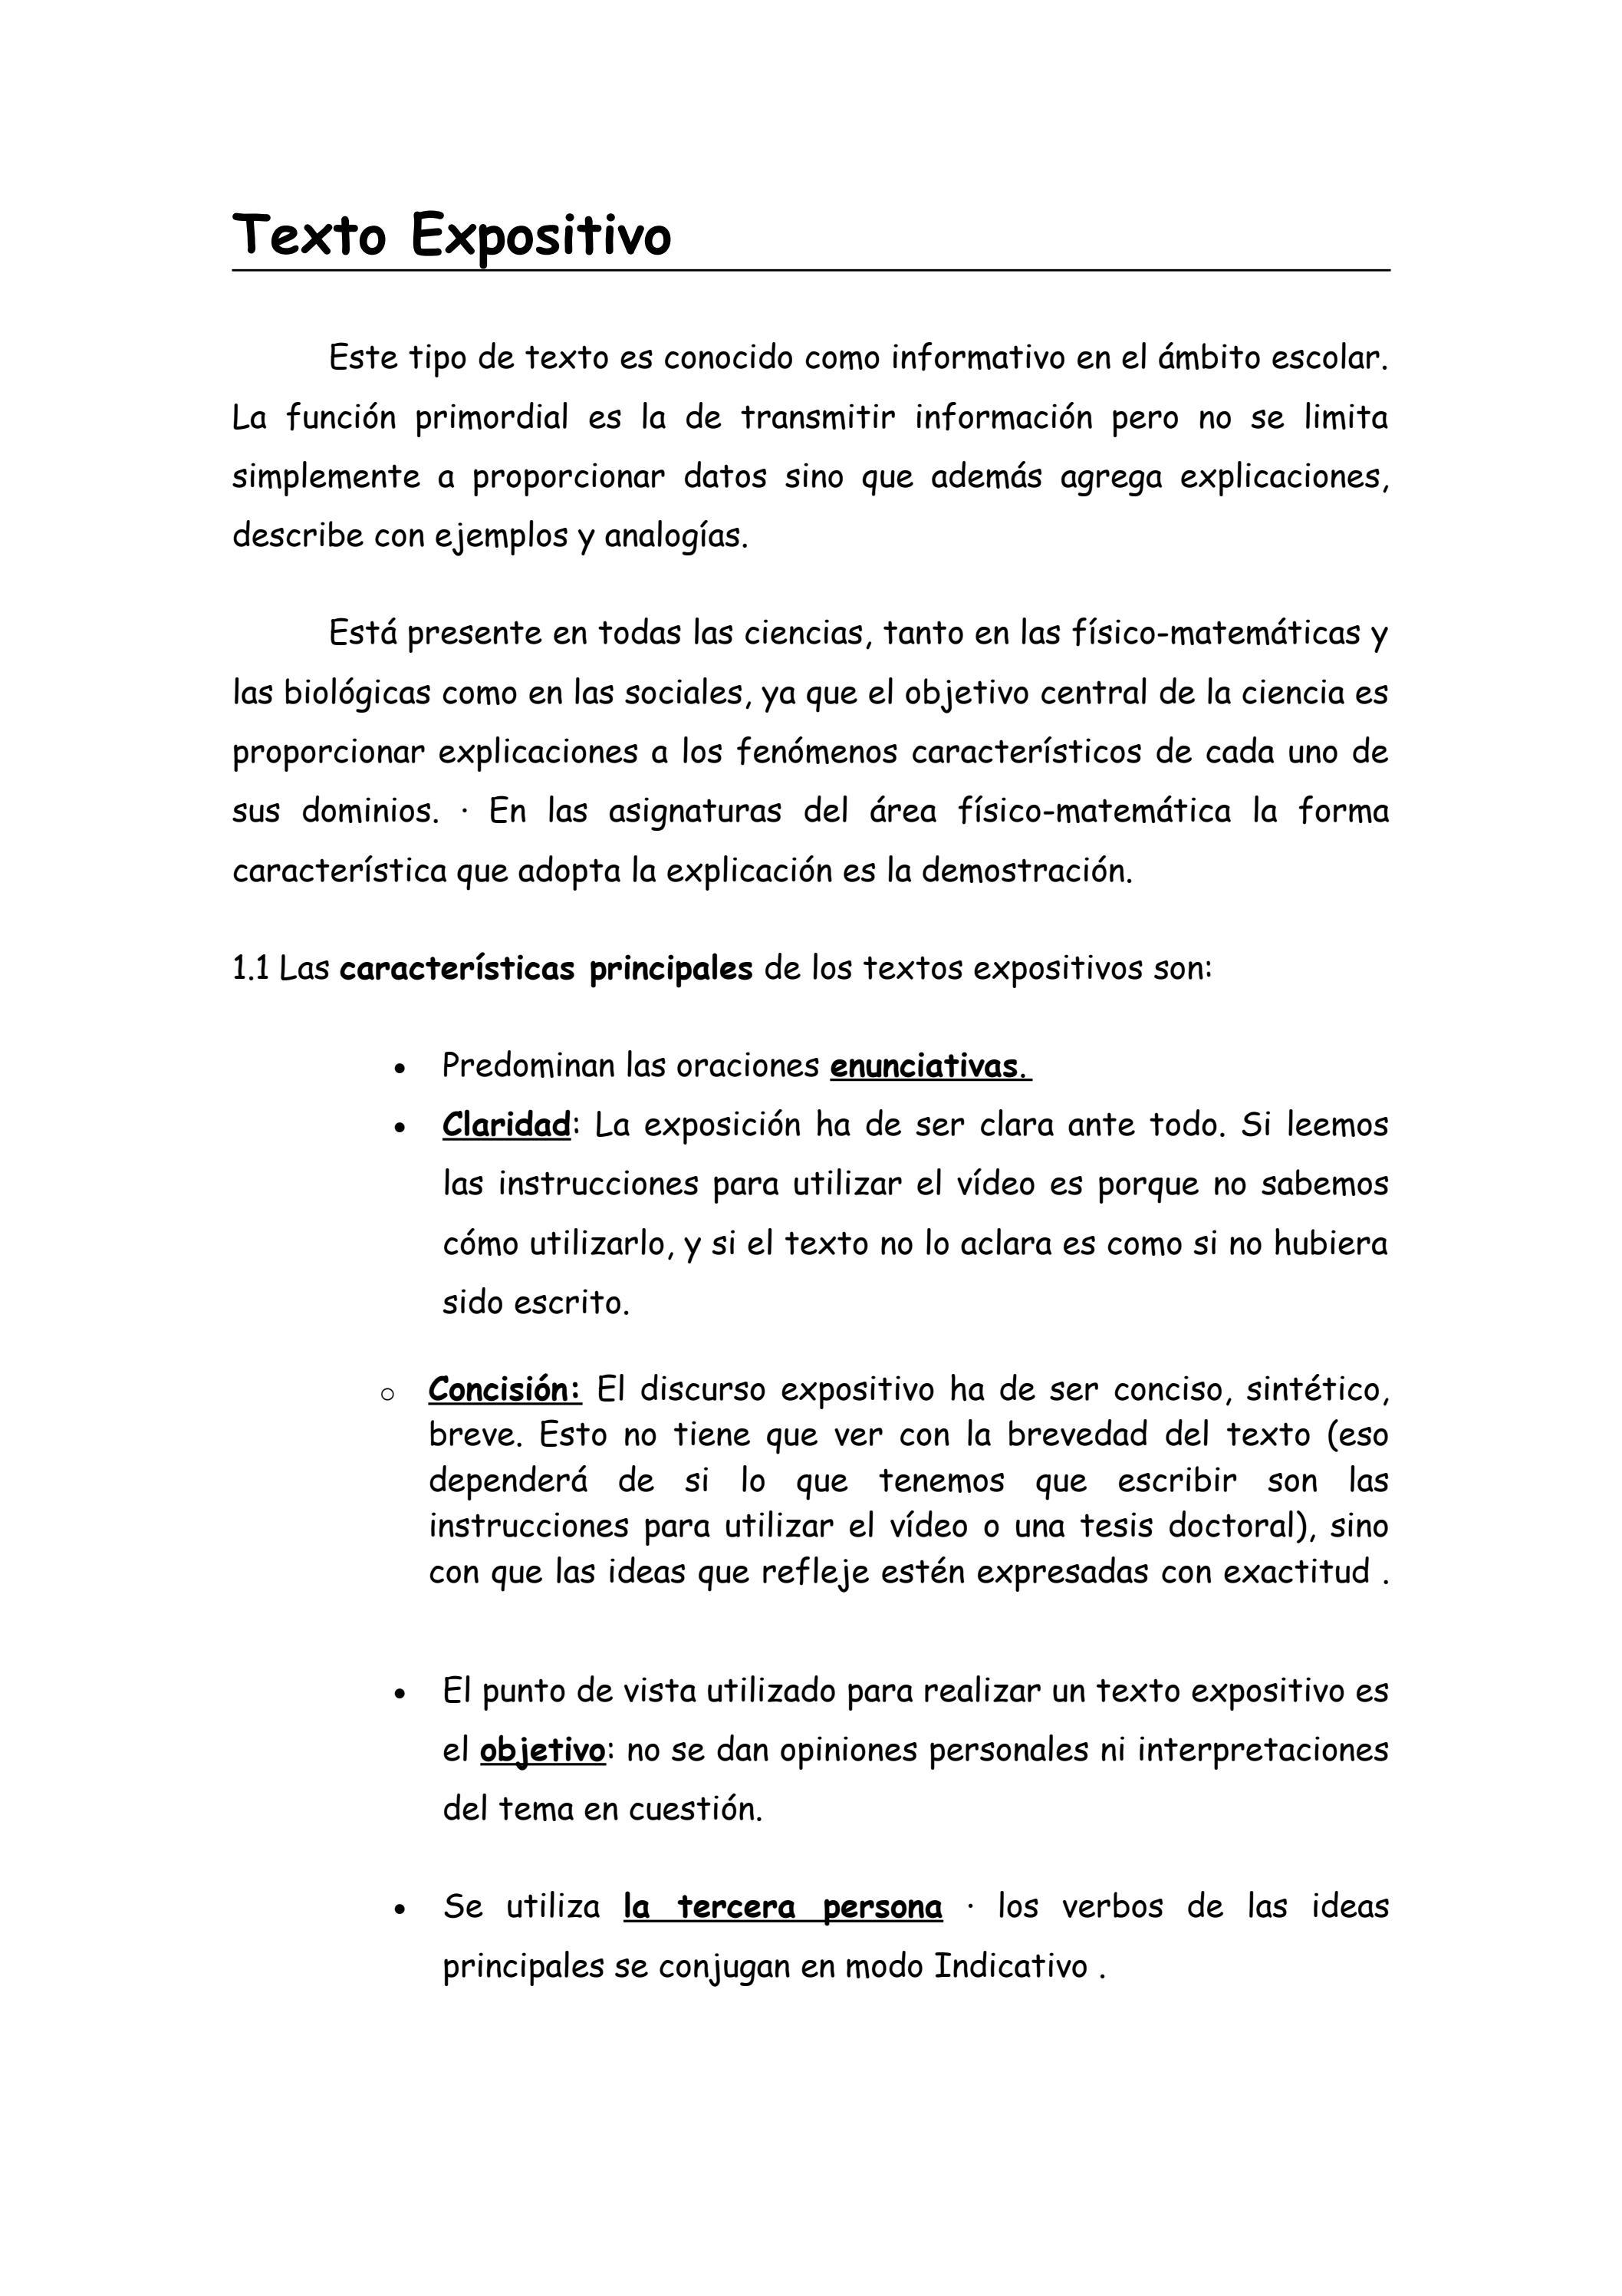 Texto Expositivo By Silvia Manzanero Issuu